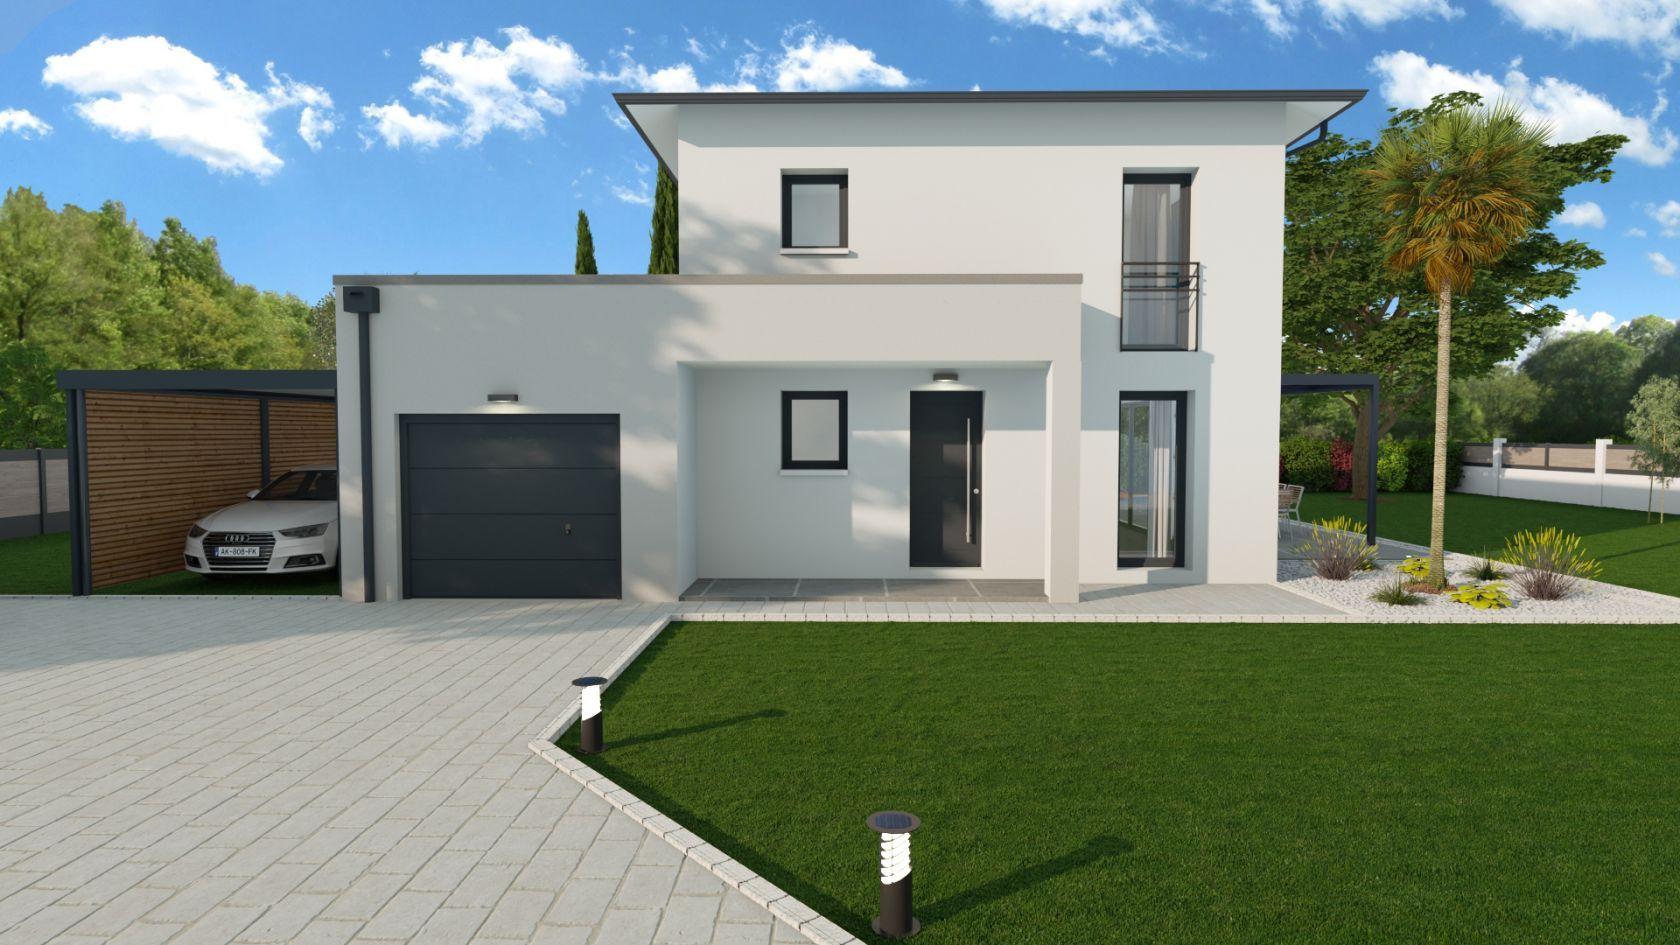 Maison 84.6 m² avec terrain à SAINTE-ANNE-SUR-GERVONDE (38) 2